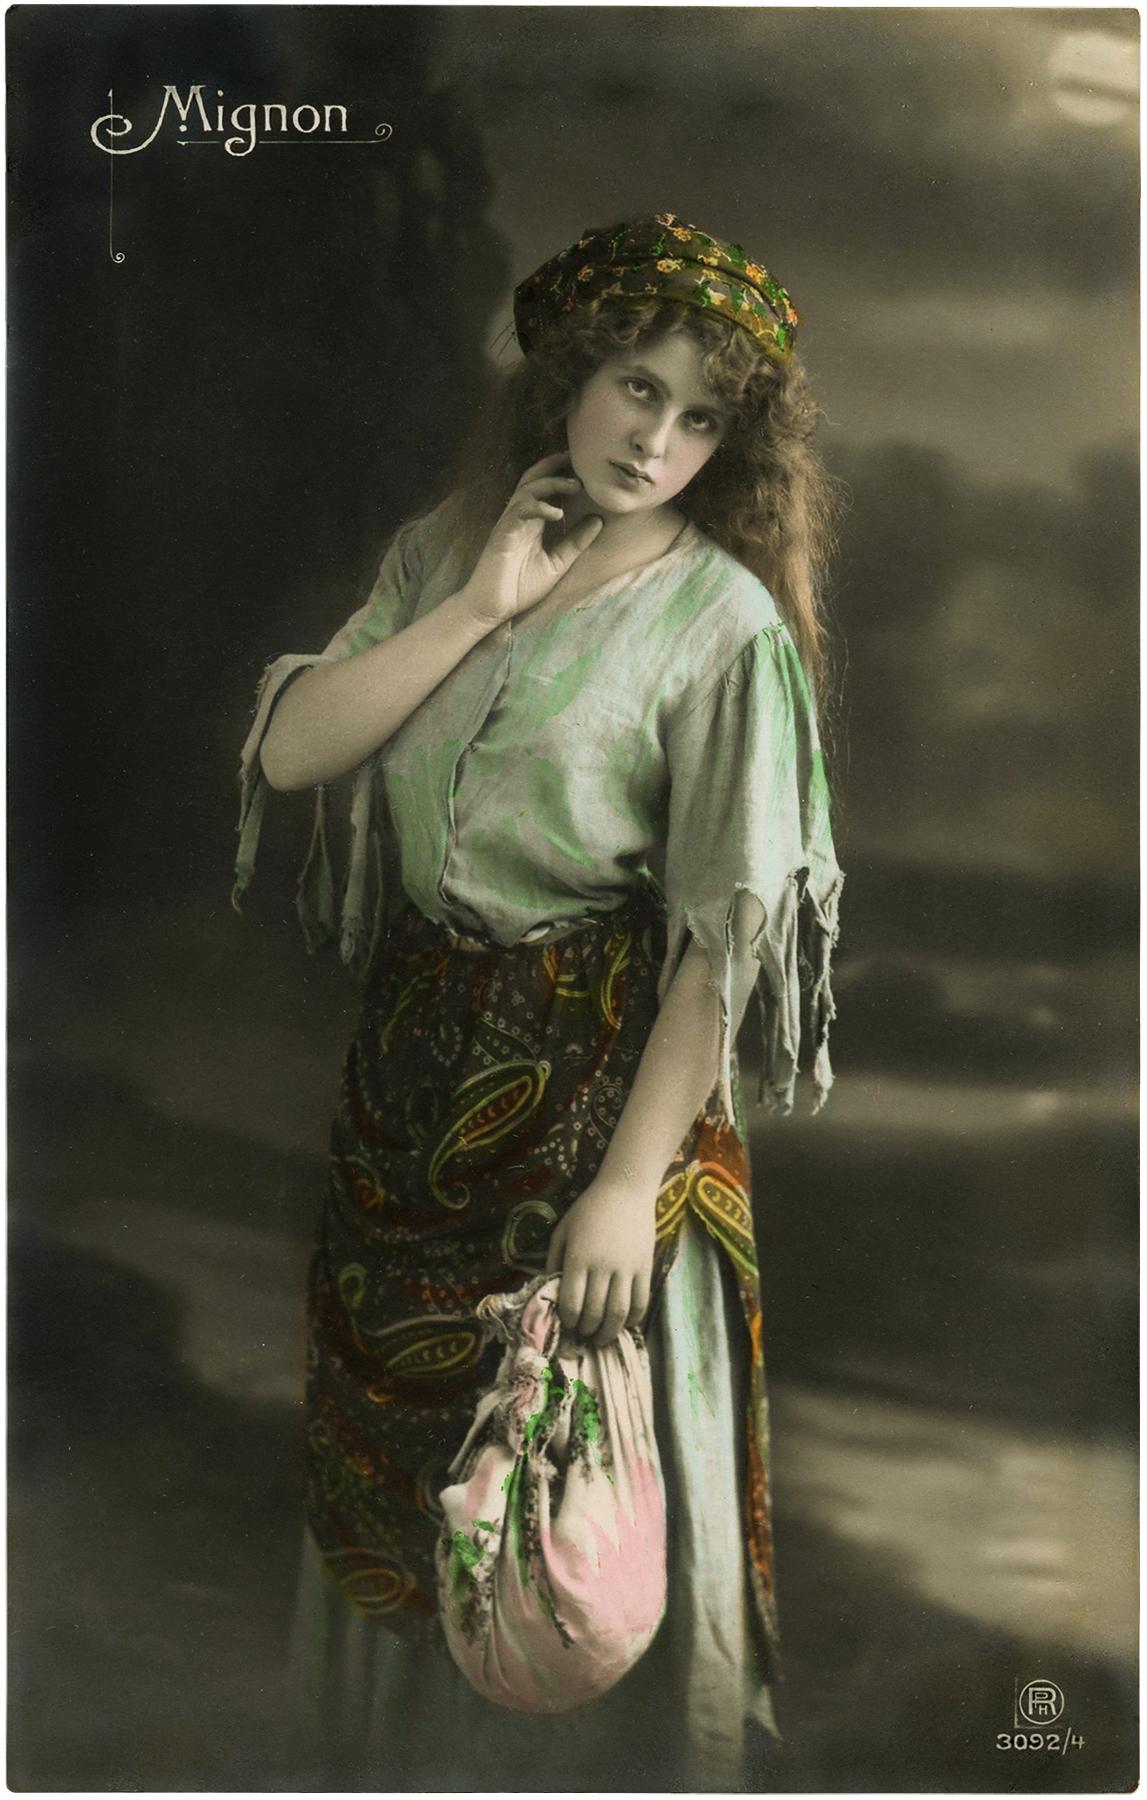 Pretty Gypsy Lady Image